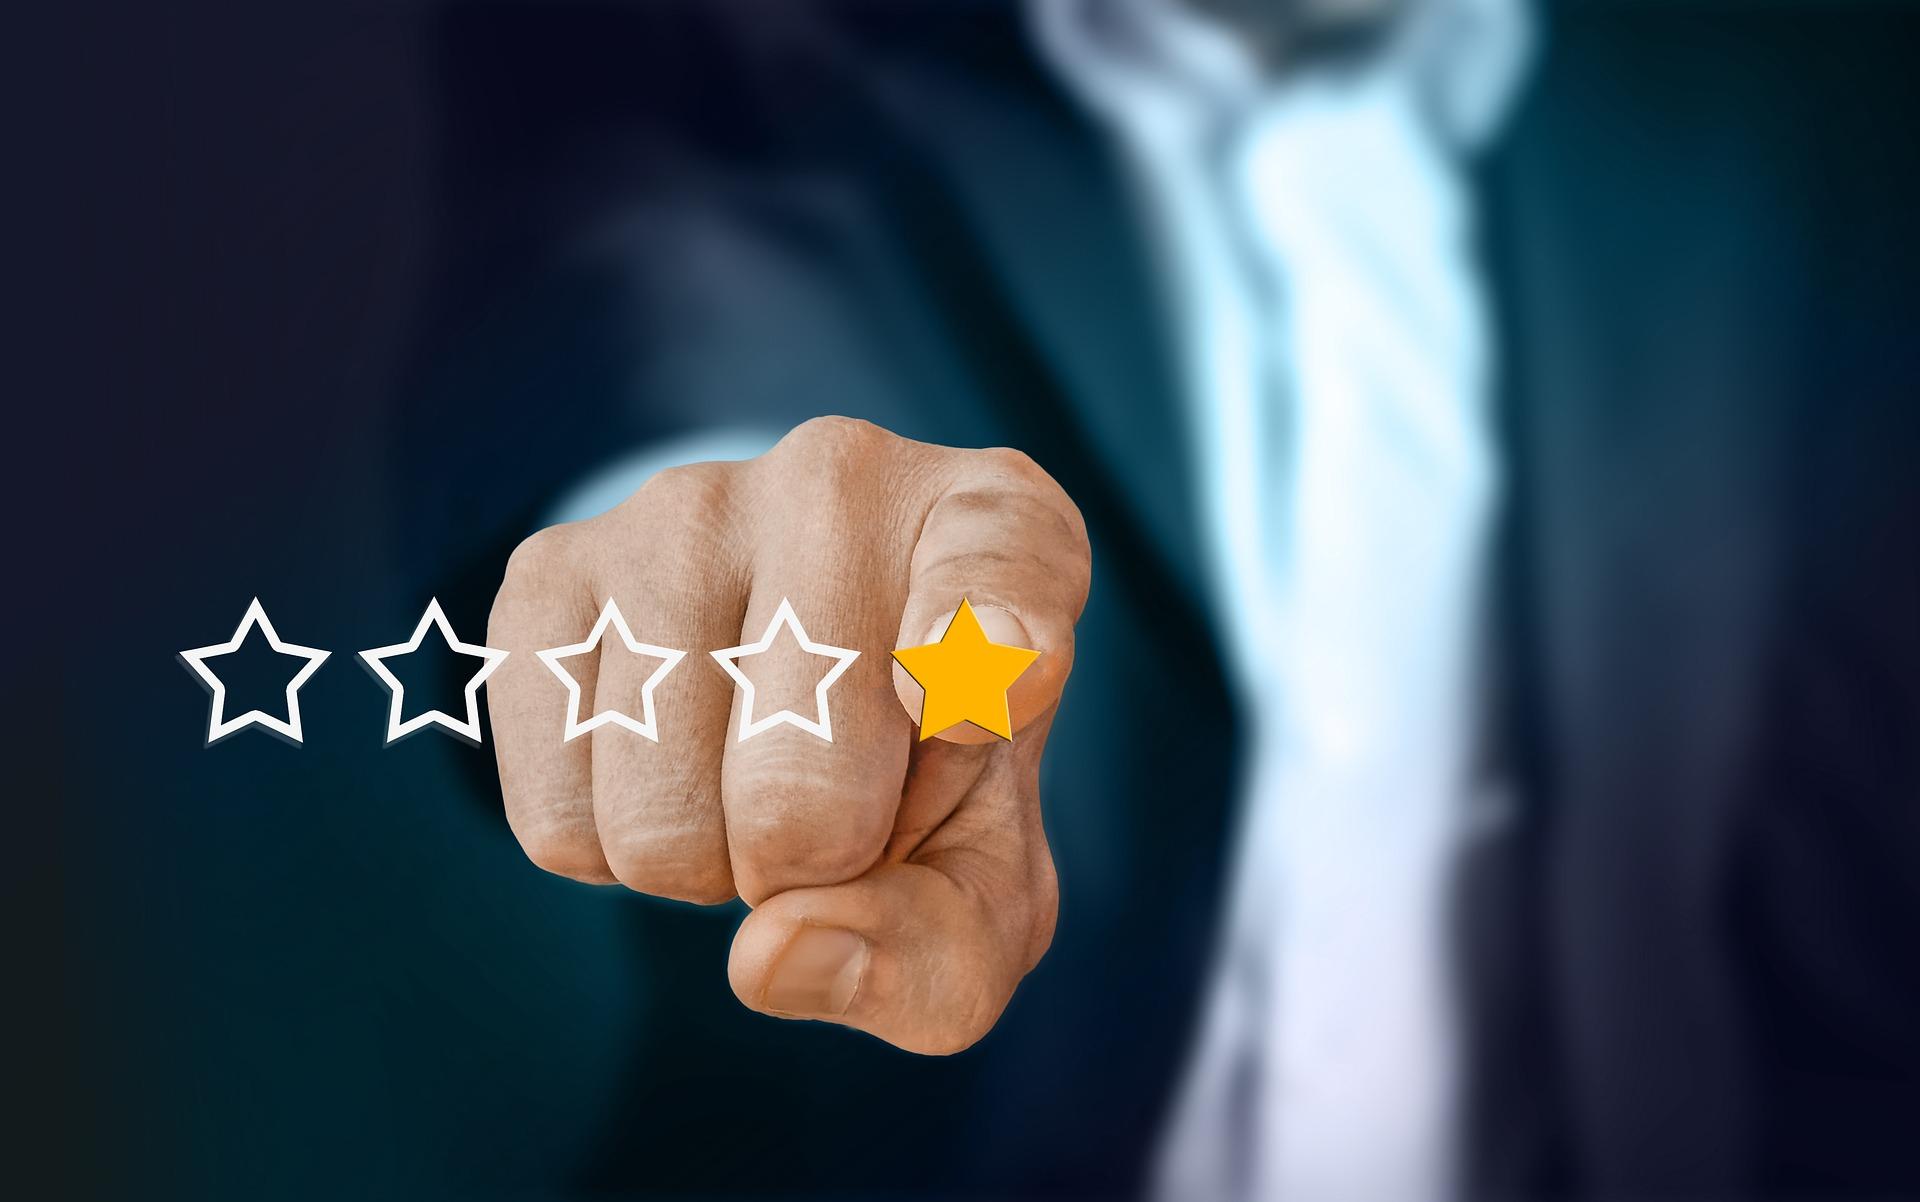 Wenn Bewertungen das Unternehmen ungerechtfertigt gefährden